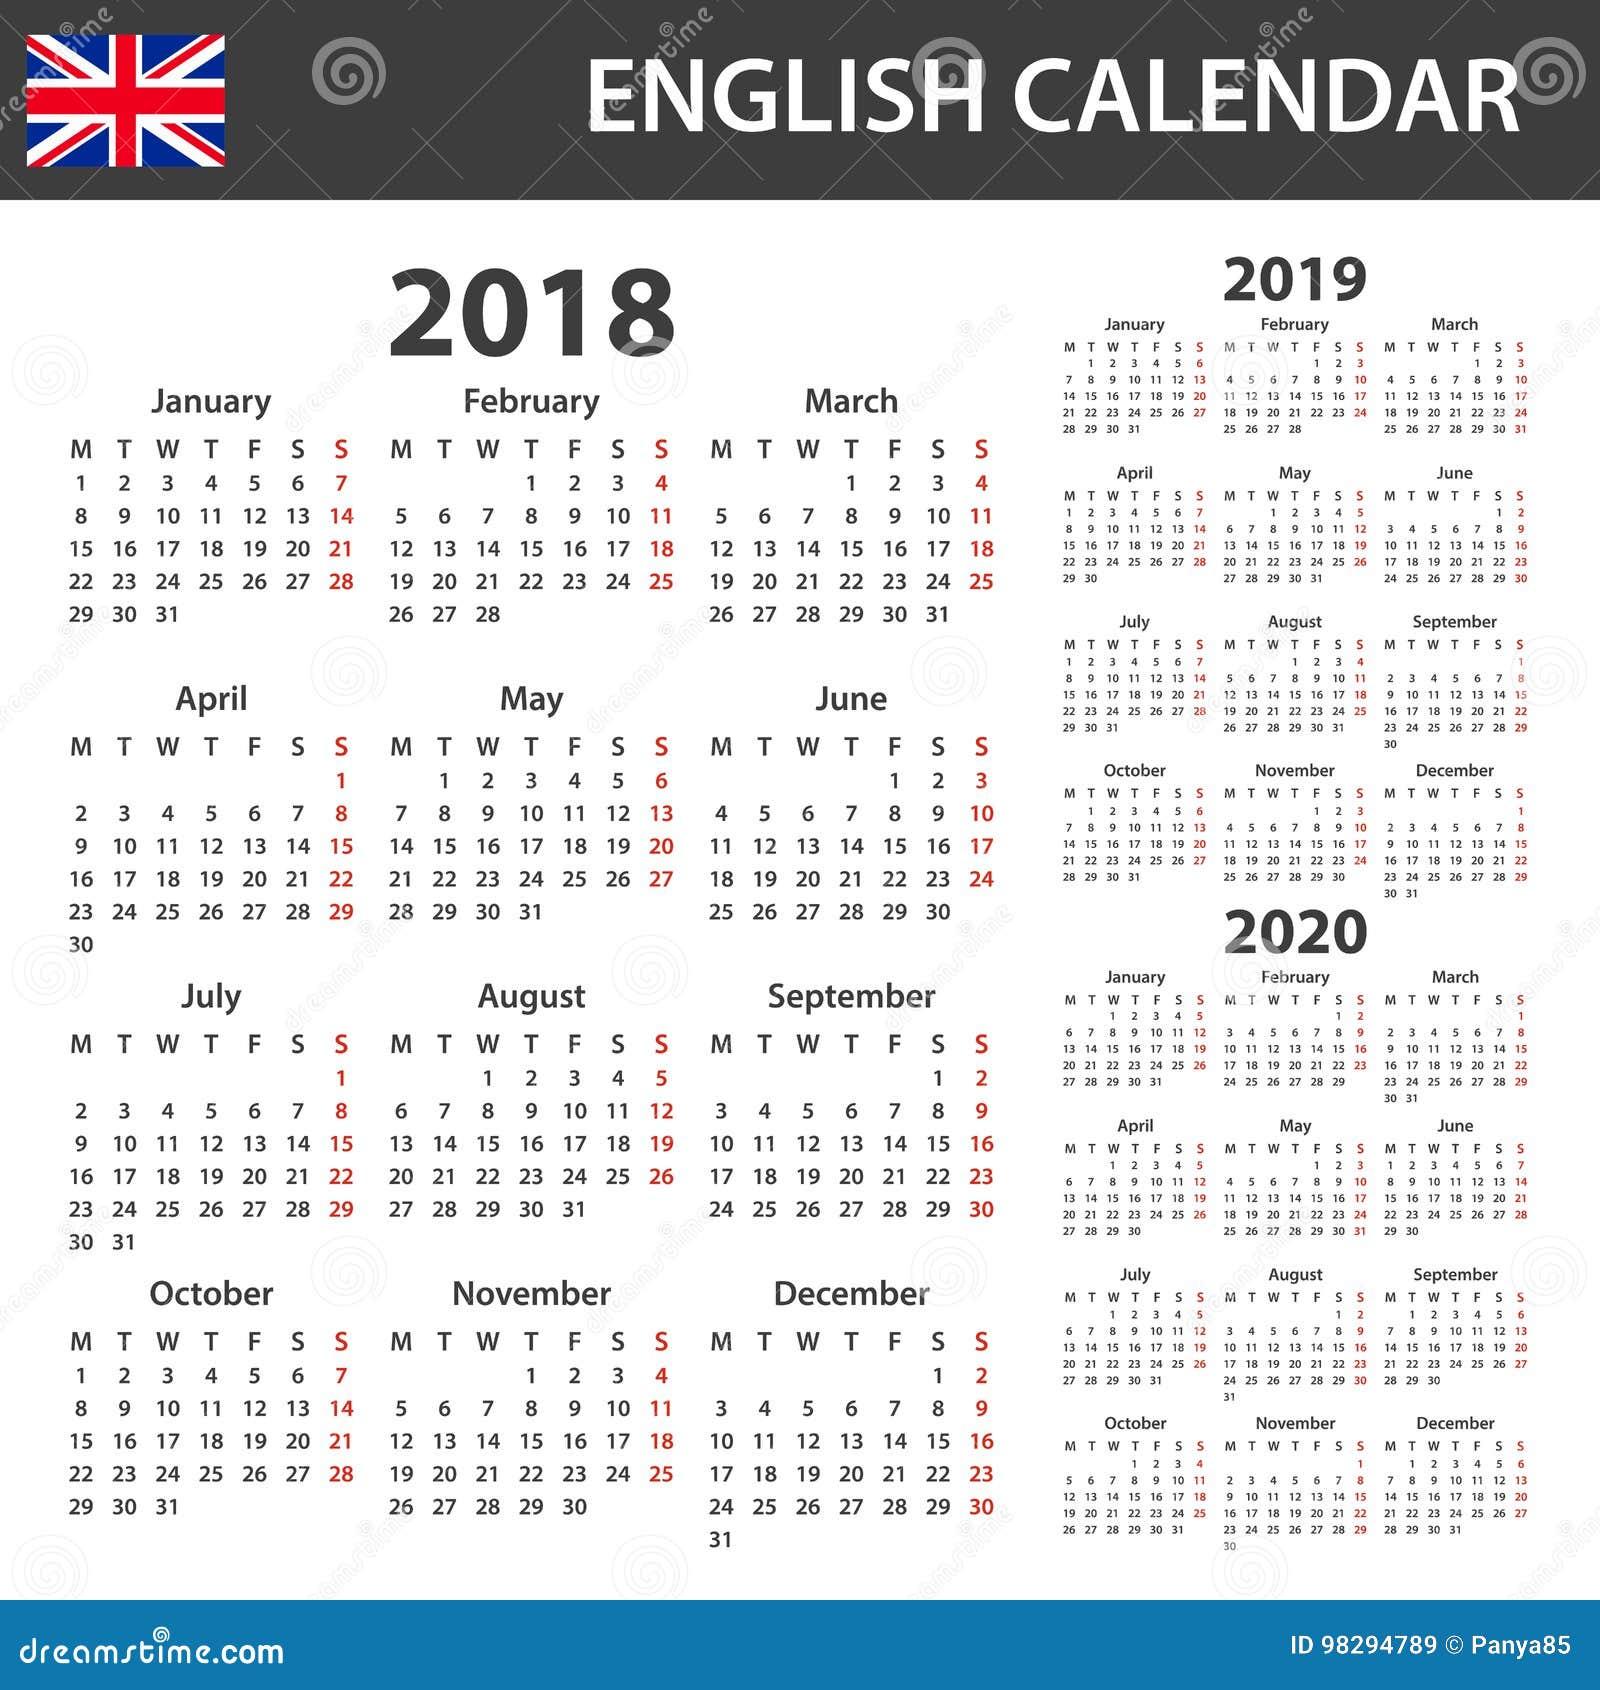 Feste Calendario 2020.Calendario Inglese Per 2018 2019 E 2020 Tabella Degli Orari